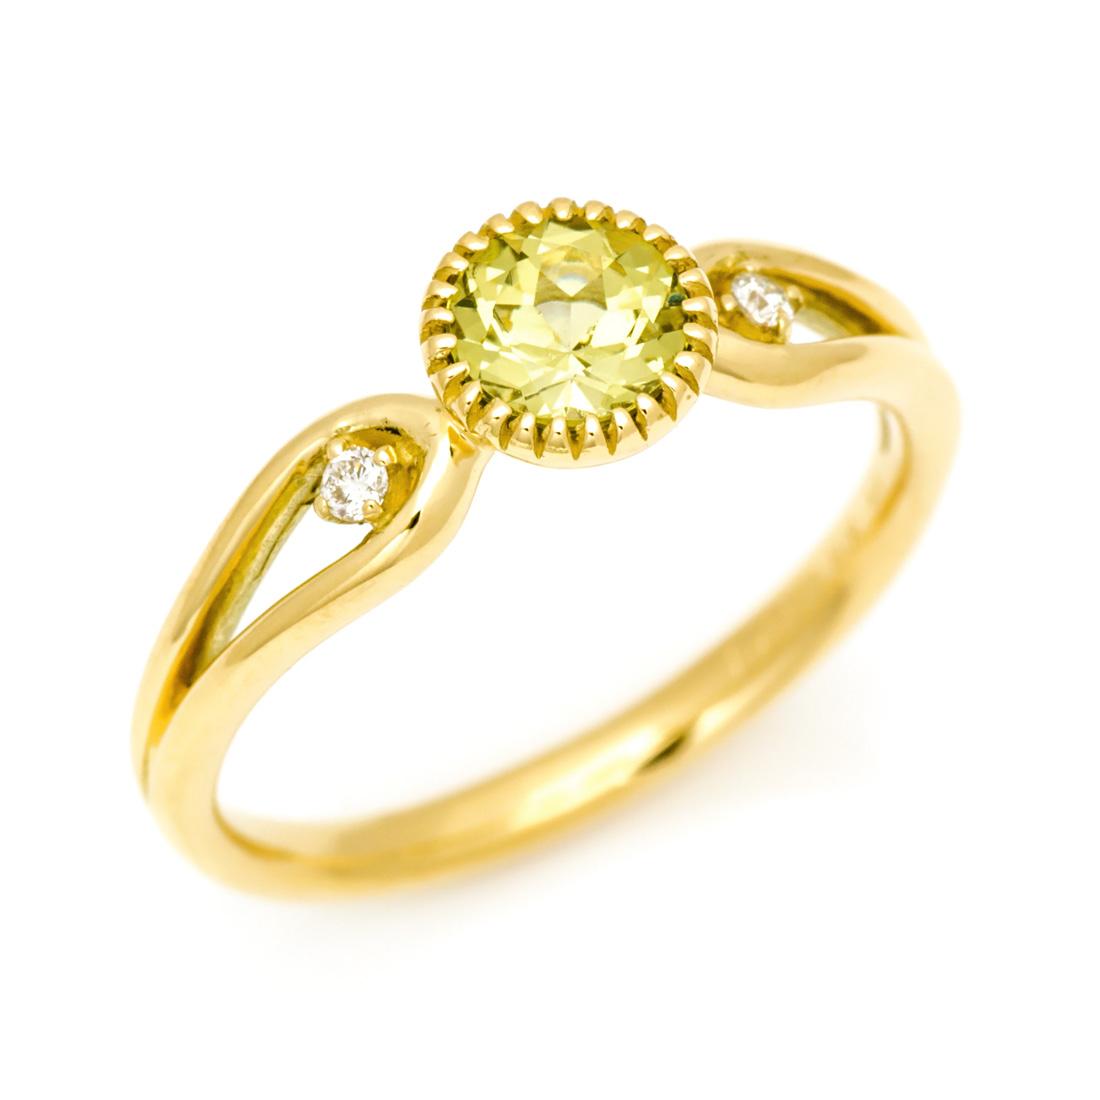 【GWクーポン配布中】K18 マリガーネット ダイヤモンド リング 「amica」送料無料 指輪 ダイアモンド ゴールド 18K 18金 誕生日 1月誕生石 刻印 文字入れ メッセージ ギフト 贈り物 ピンキーリング対応可能